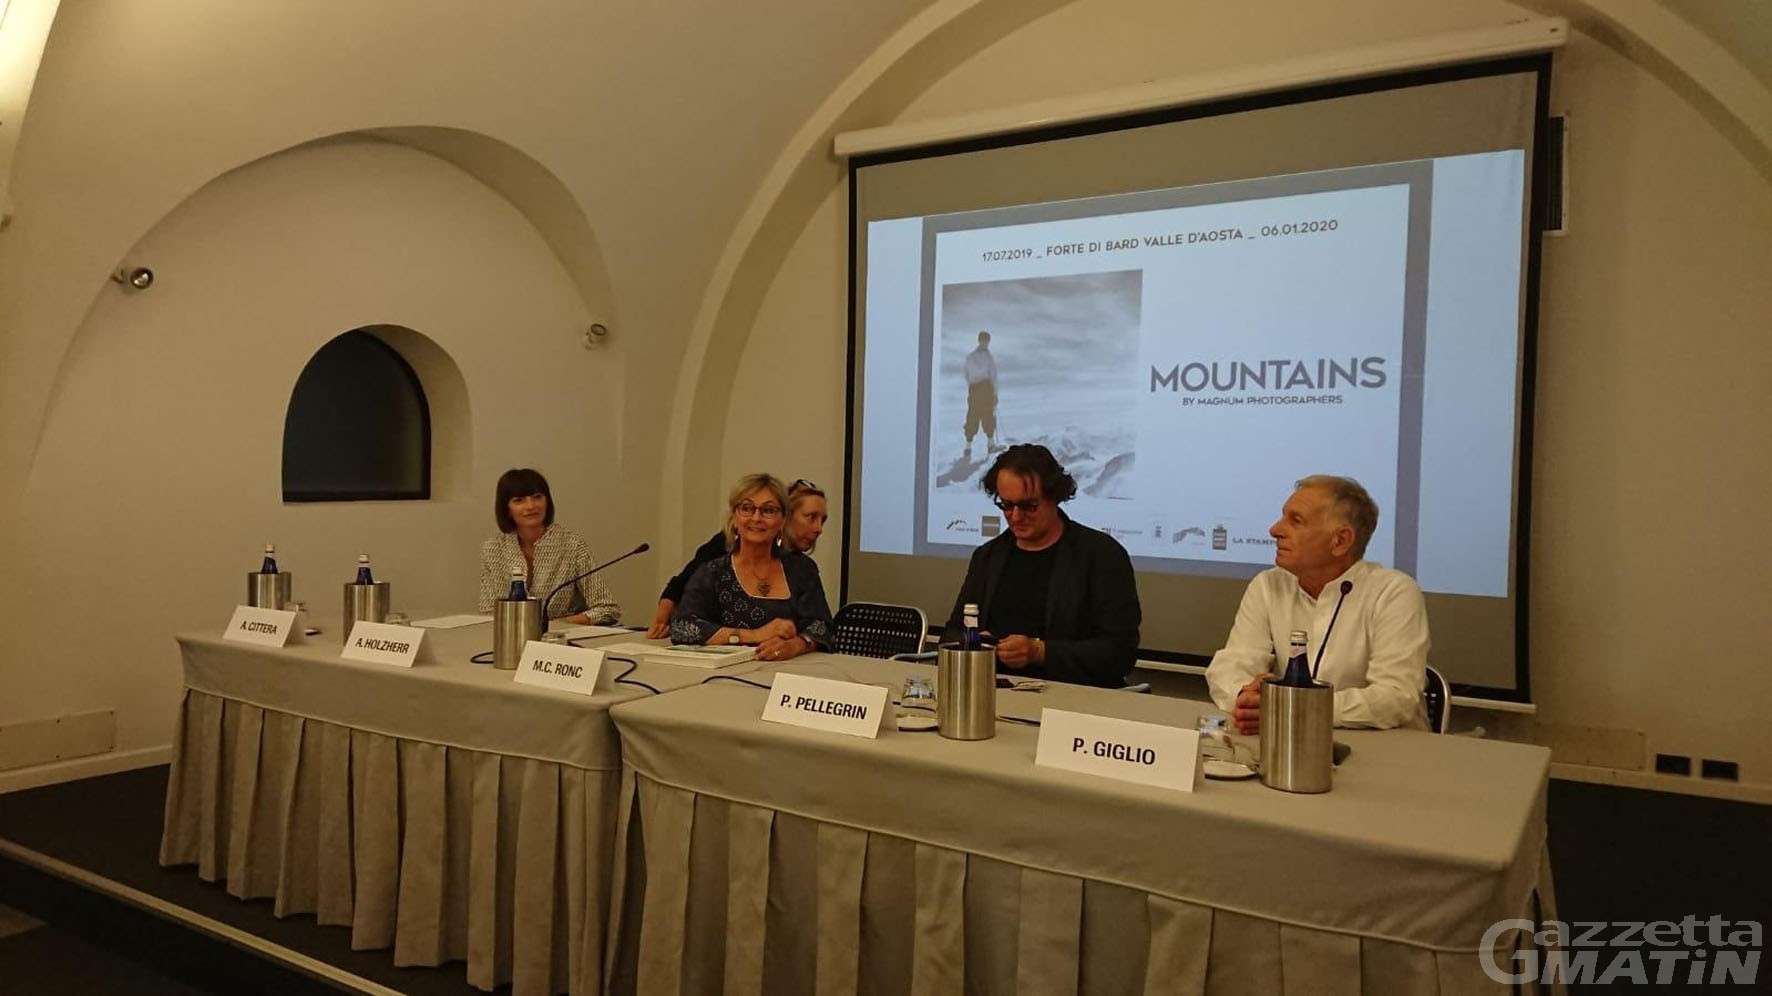 Mostre: la montagna vista dai fotografi Magnum al Forte di Bard